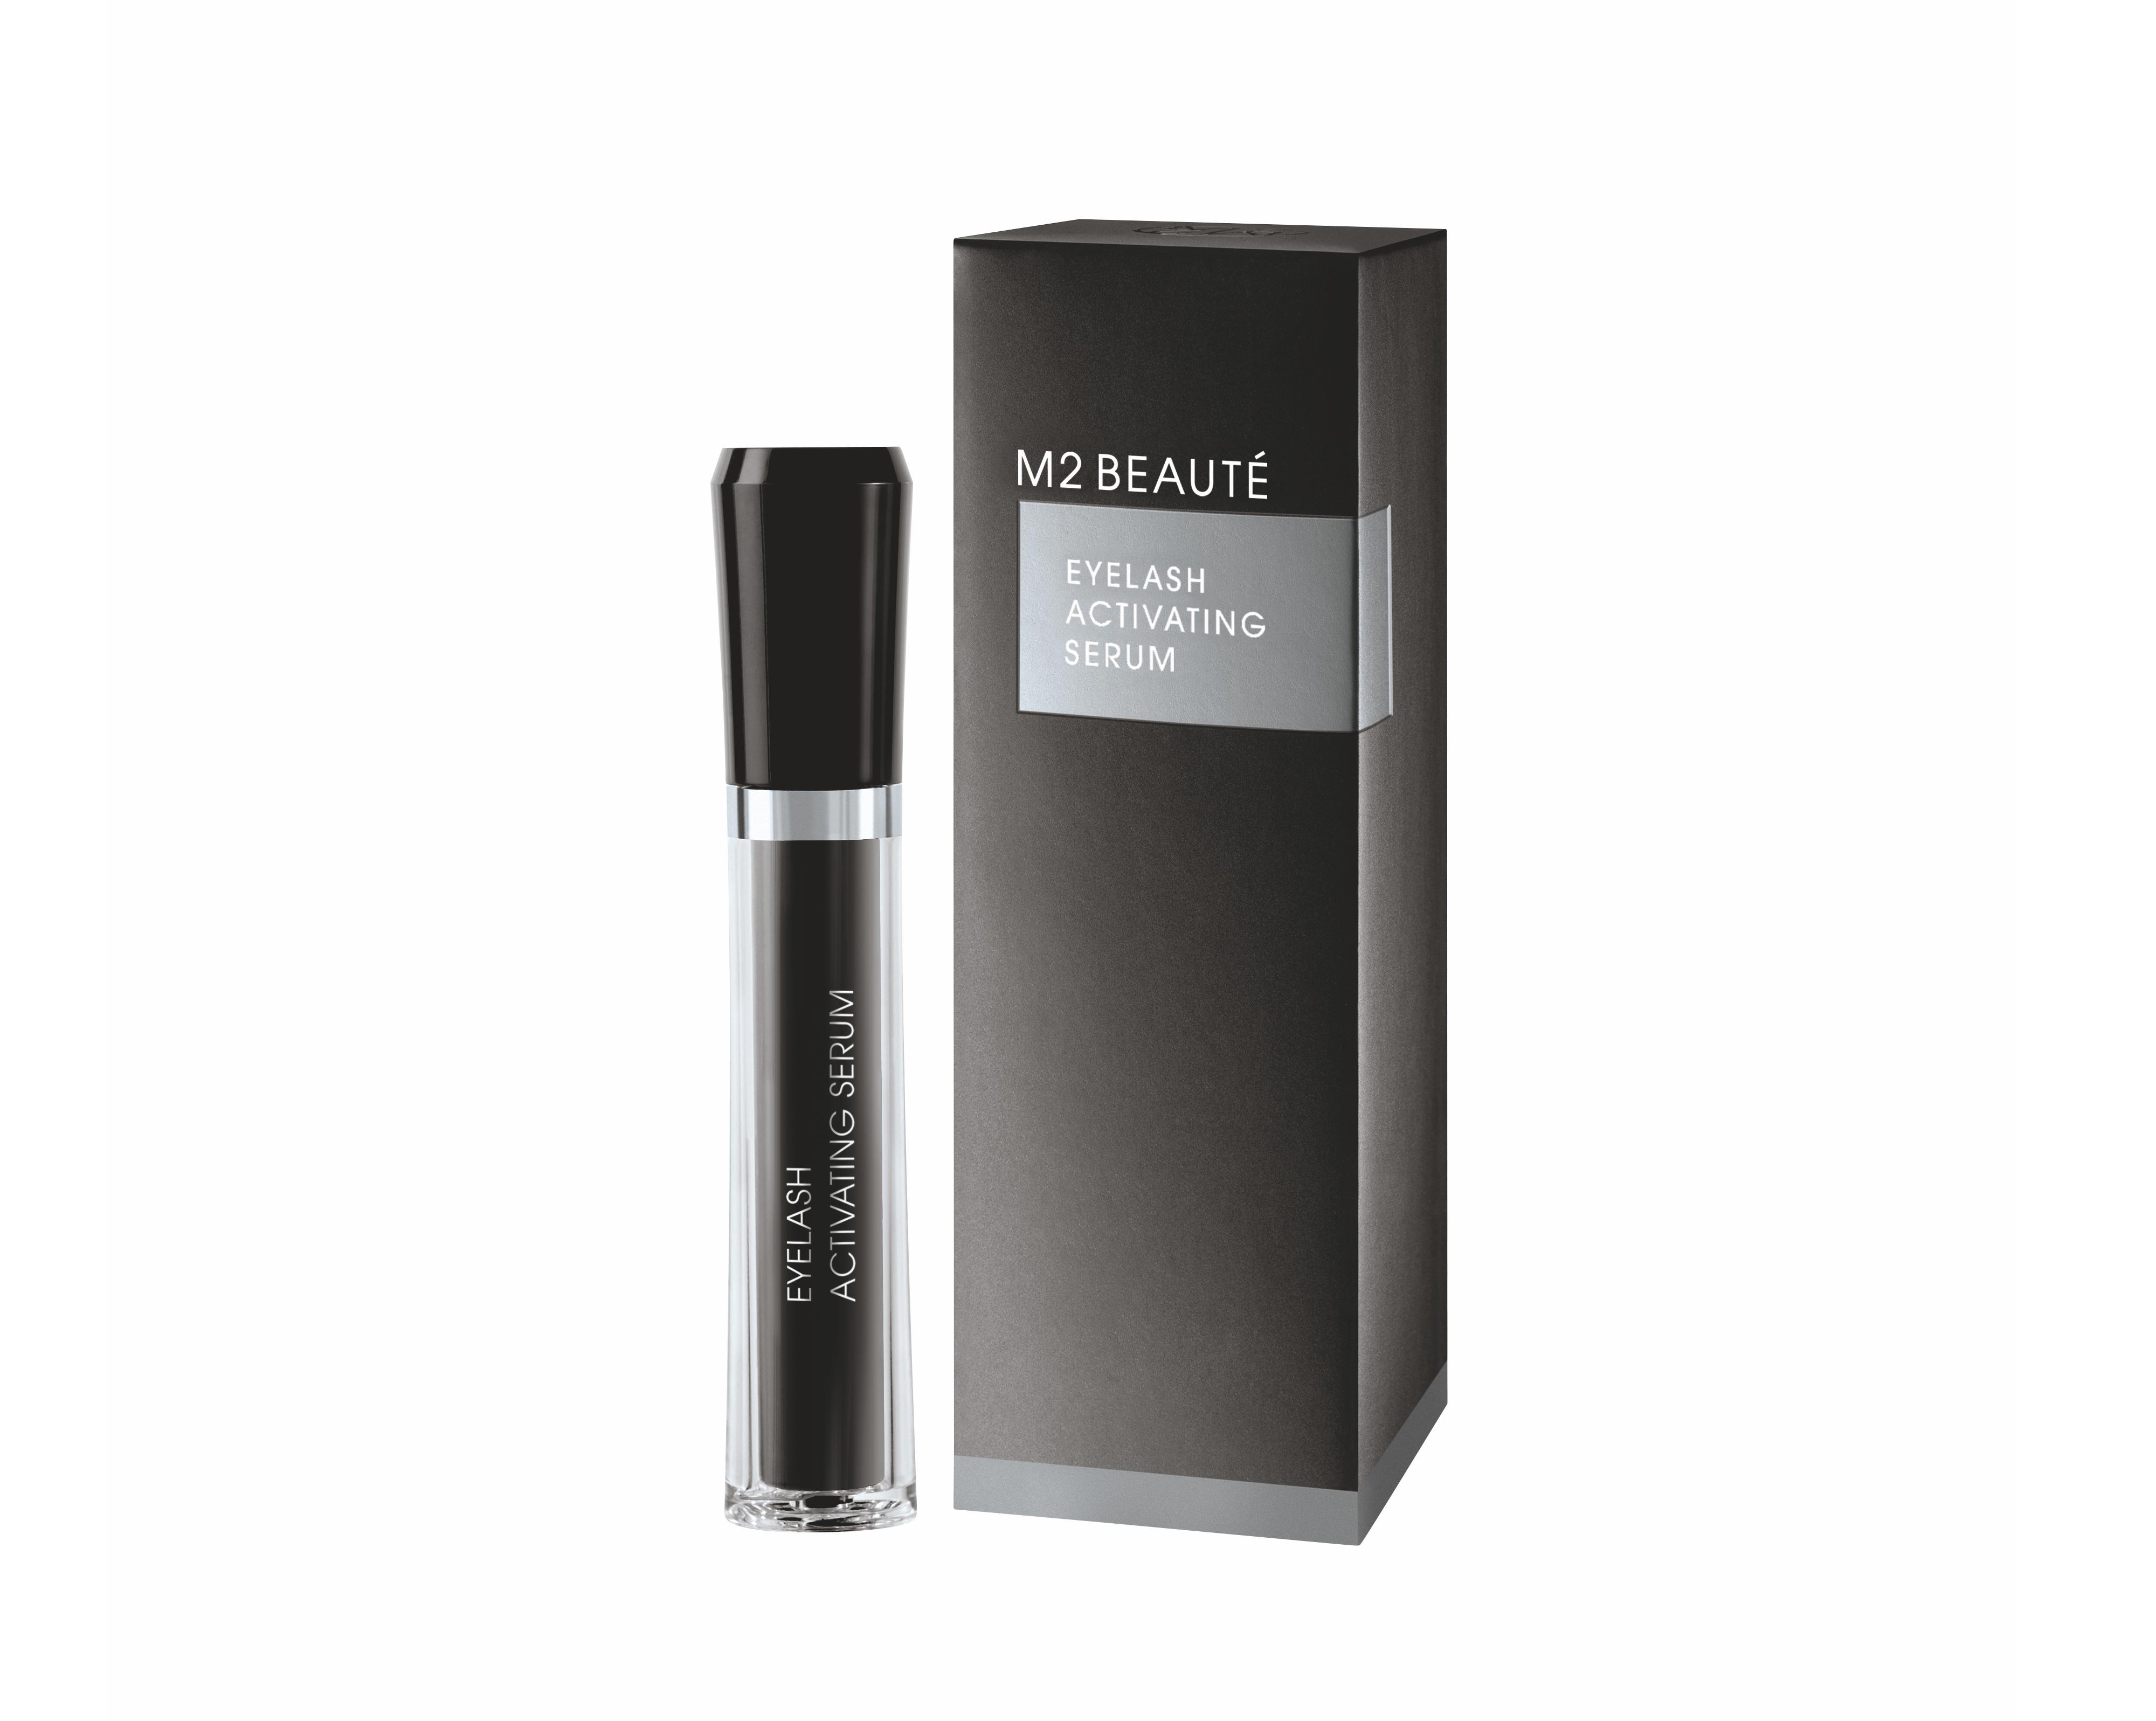 m2 beaut eyelash activating serum. Black Bedroom Furniture Sets. Home Design Ideas